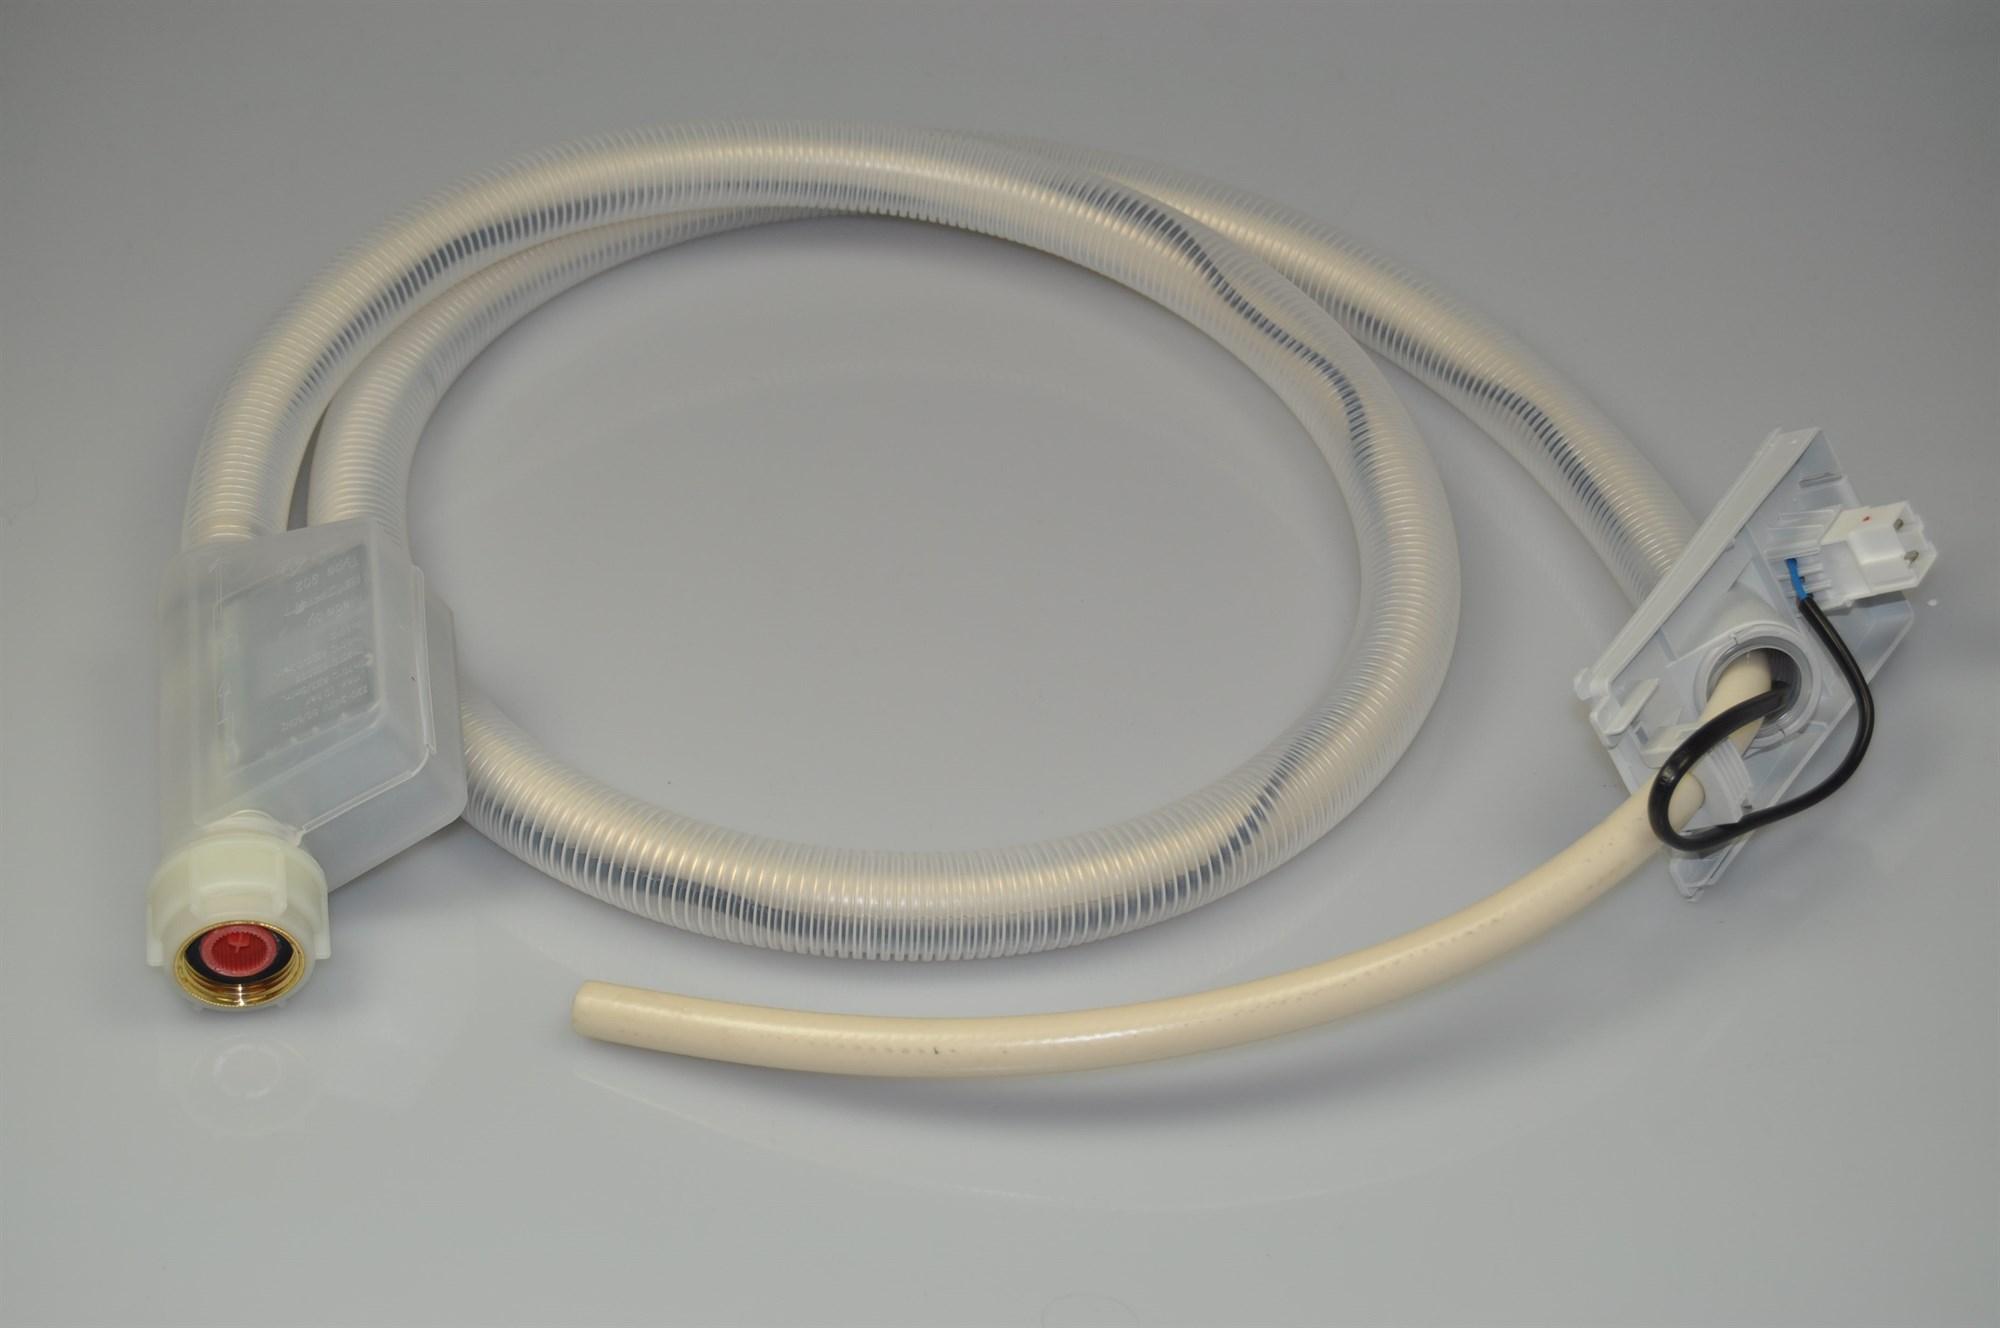 Fräscha Aquastop-slang, Bosch diskmaskin QM-76